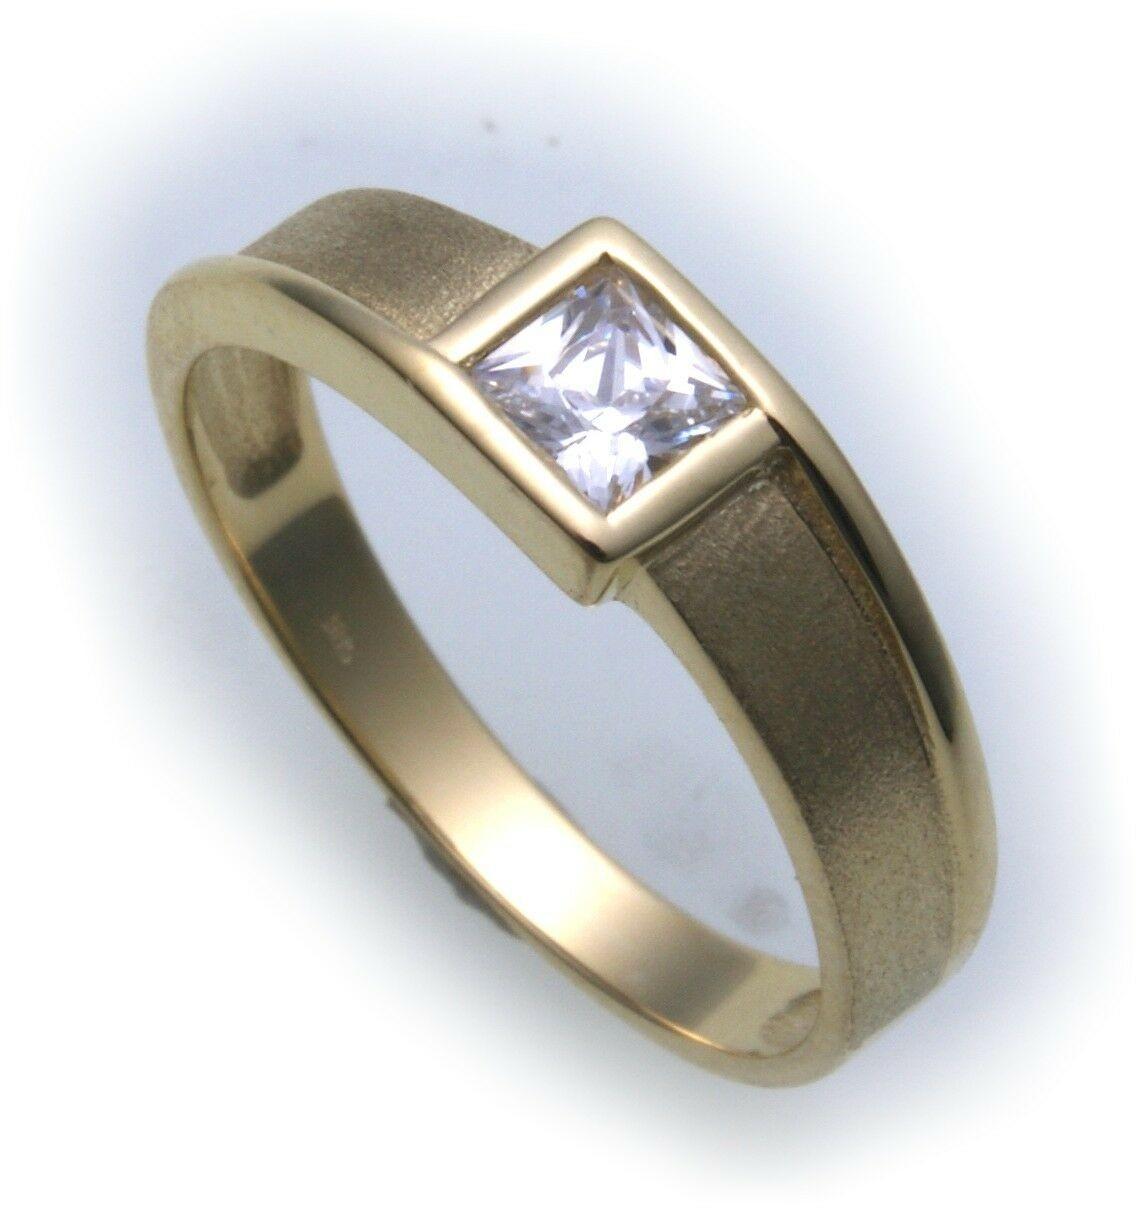 Damen Ring echt Gold 585 Zirkonia 4,5 x4,5 mm teilmatt 14 kt Qualität Gelbgold